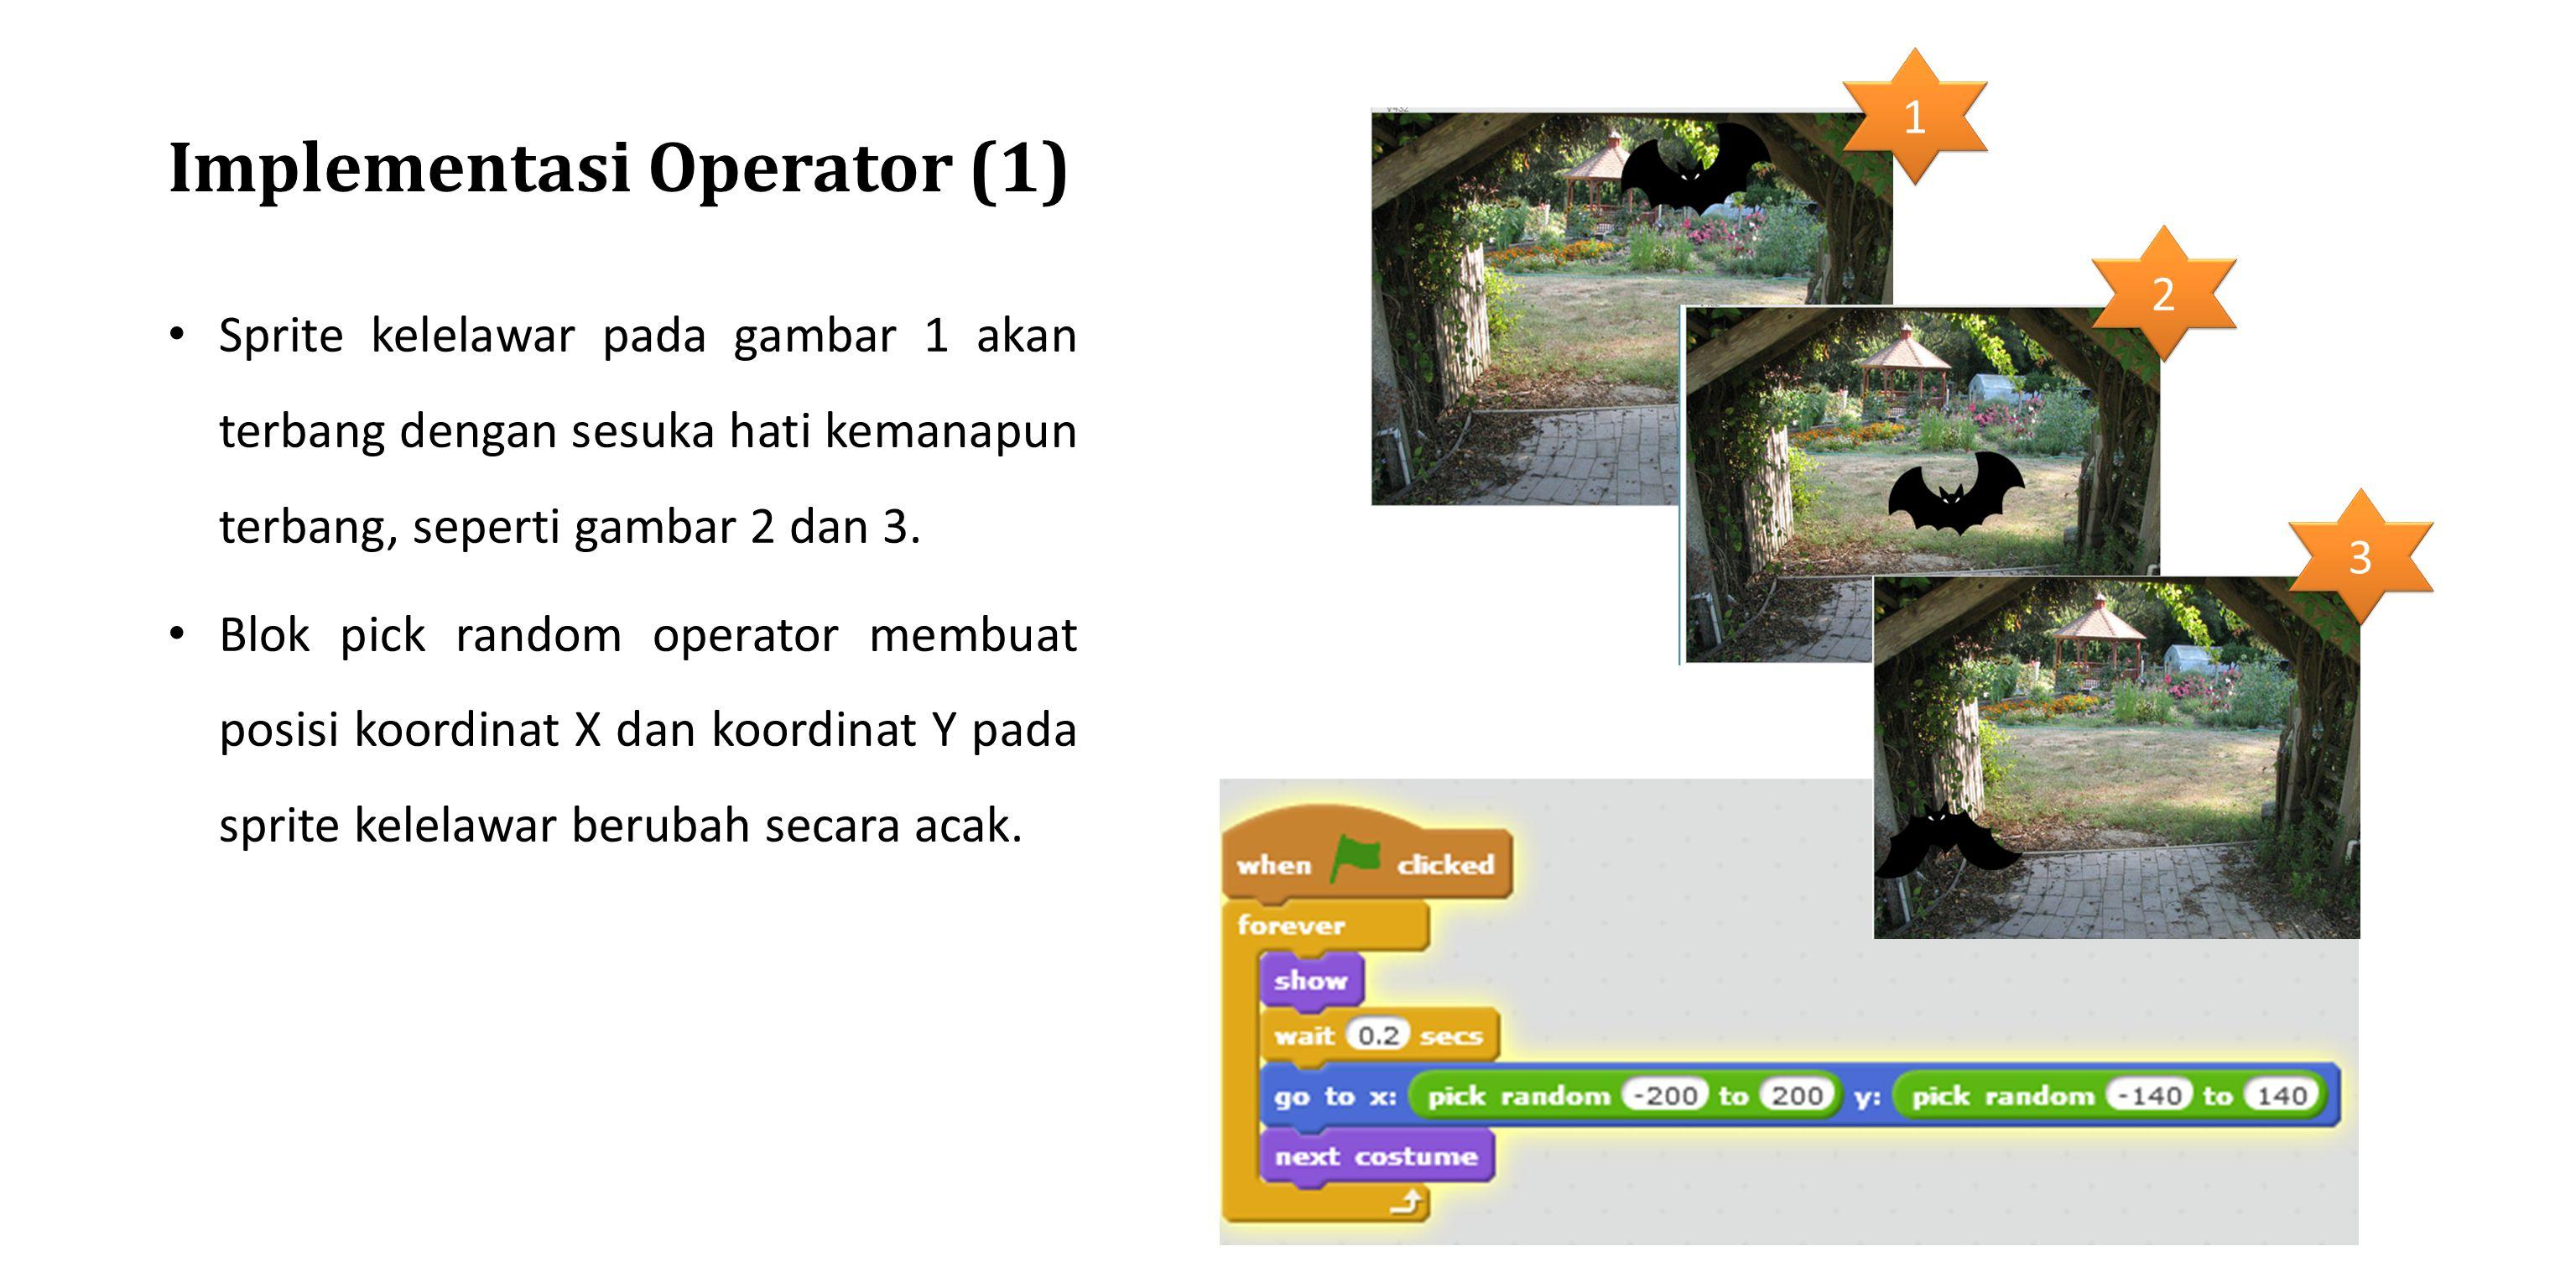 Implementasi Operator (1) Sprite kelelawar pada gambar 1 akan terbang dengan sesuka hati kemanapun terbang, seperti gambar 2 dan 3. Blok pick random o